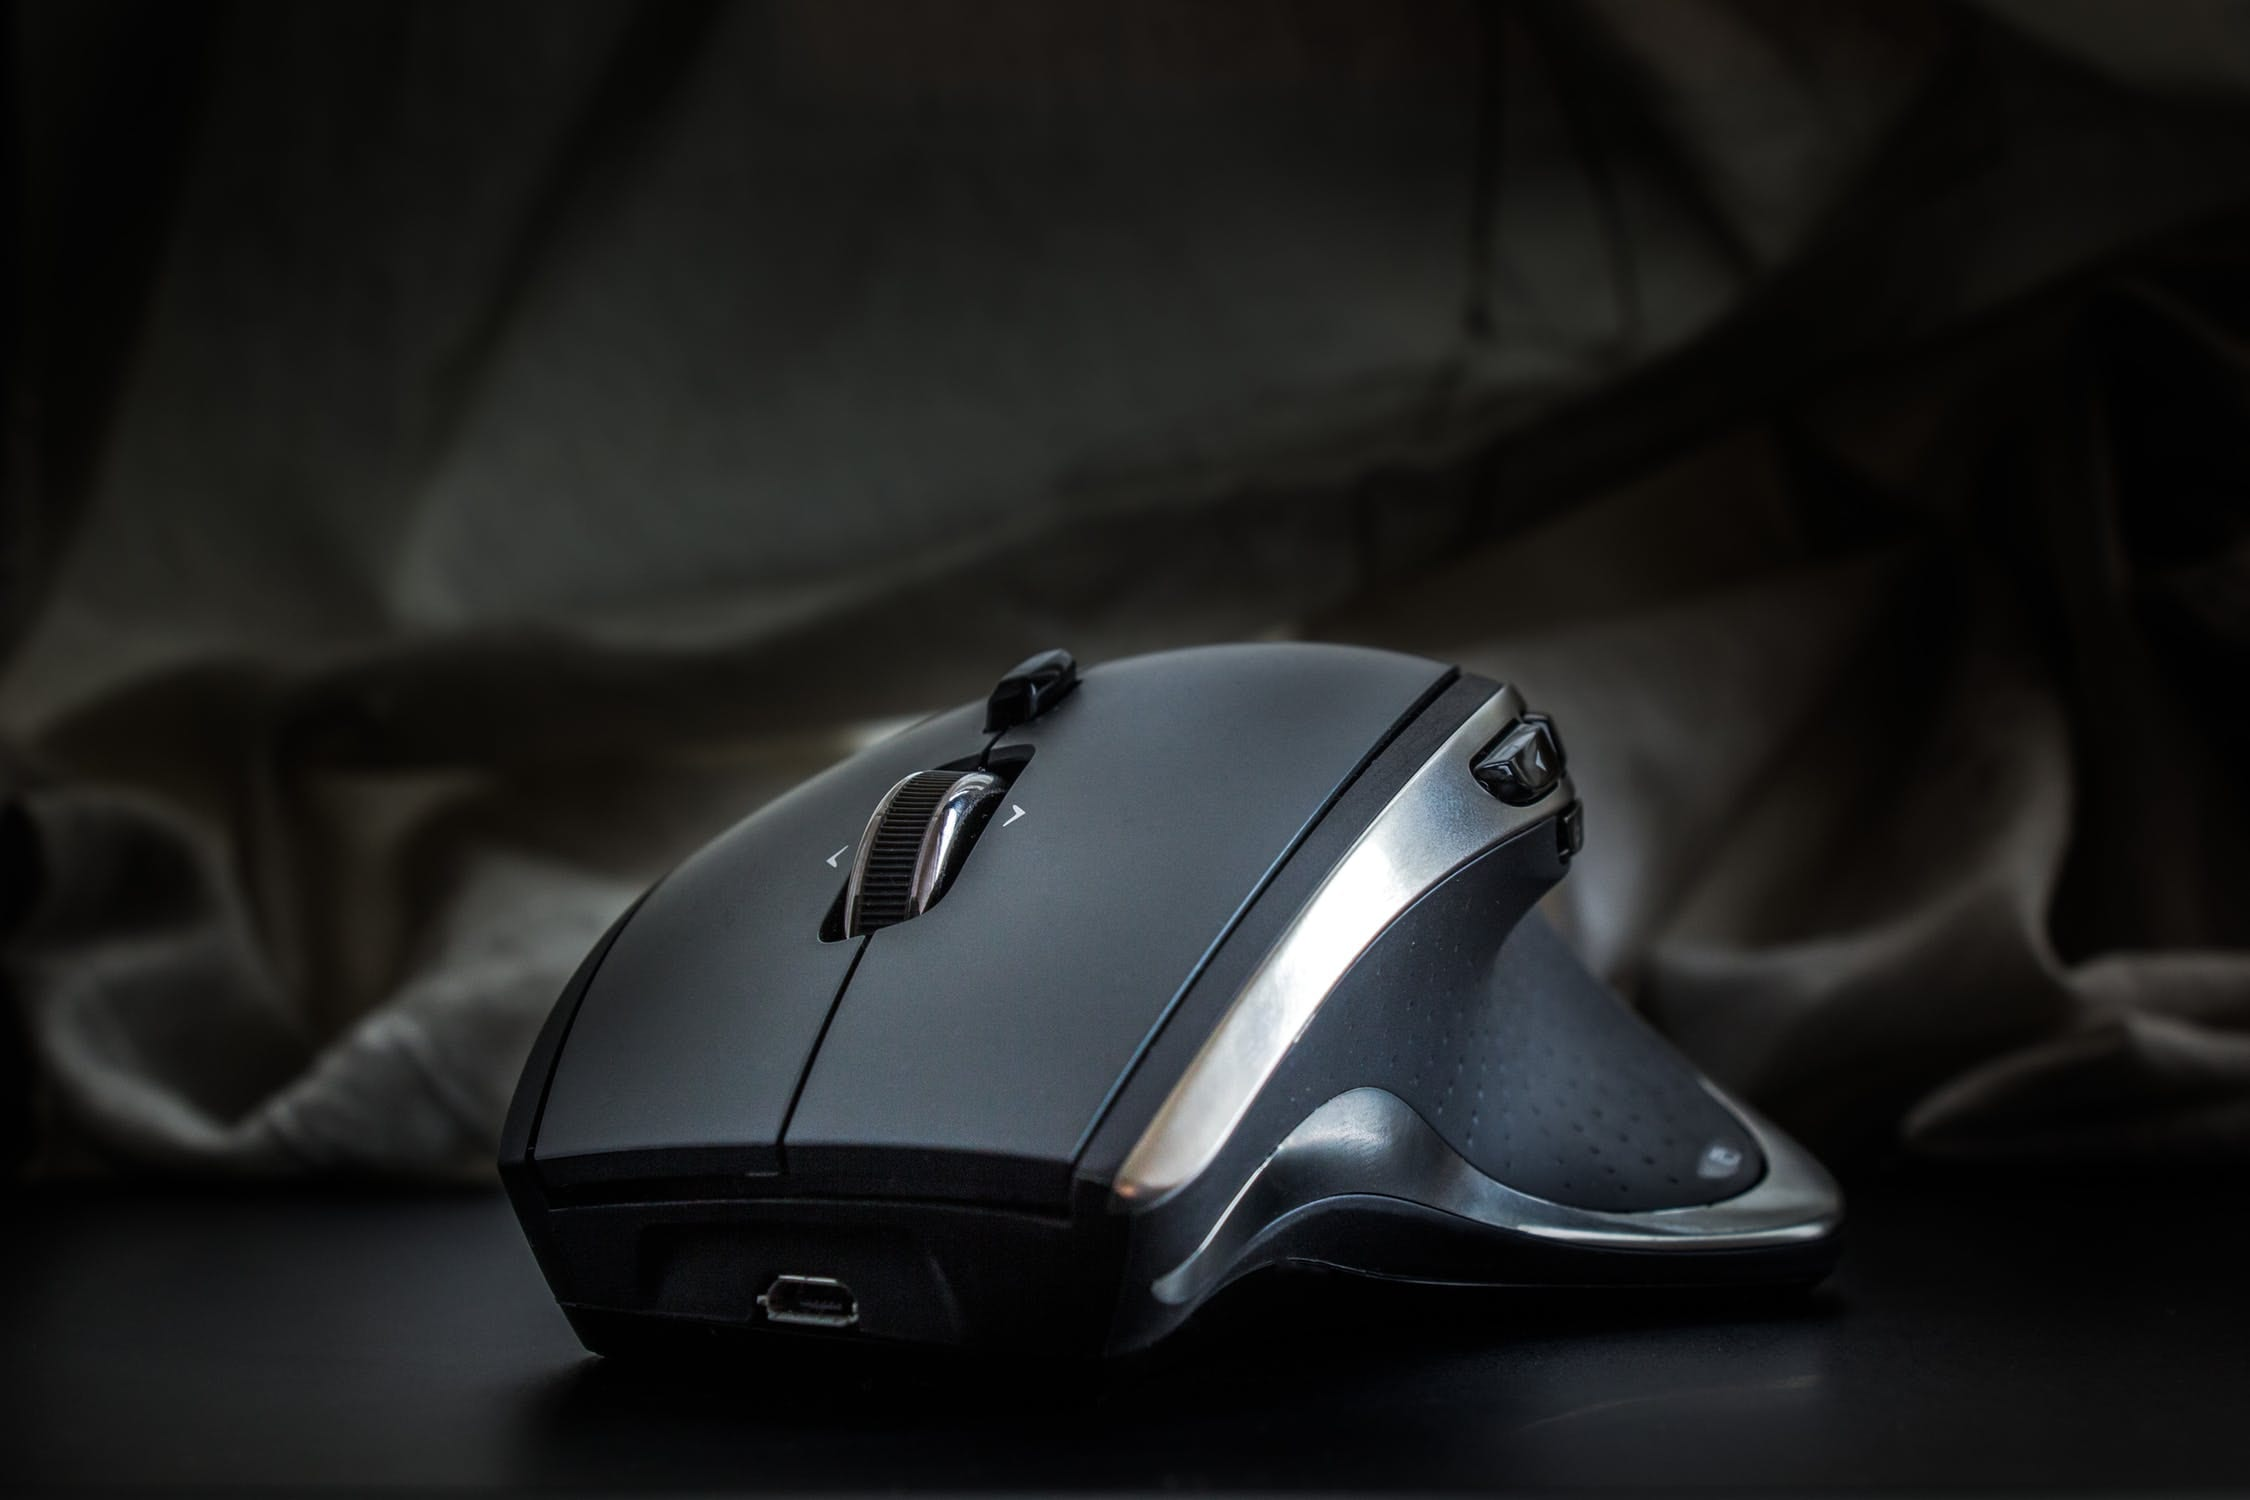 USB con/çue en Allemagne capteur optique Owl-Eye haute pr/écision de 100 /à 12.000 DPI gris /éclairage LED RGB avec illumination AIMO ROCCAT Kone AIMO Souris Gaming 23 boutons programmables